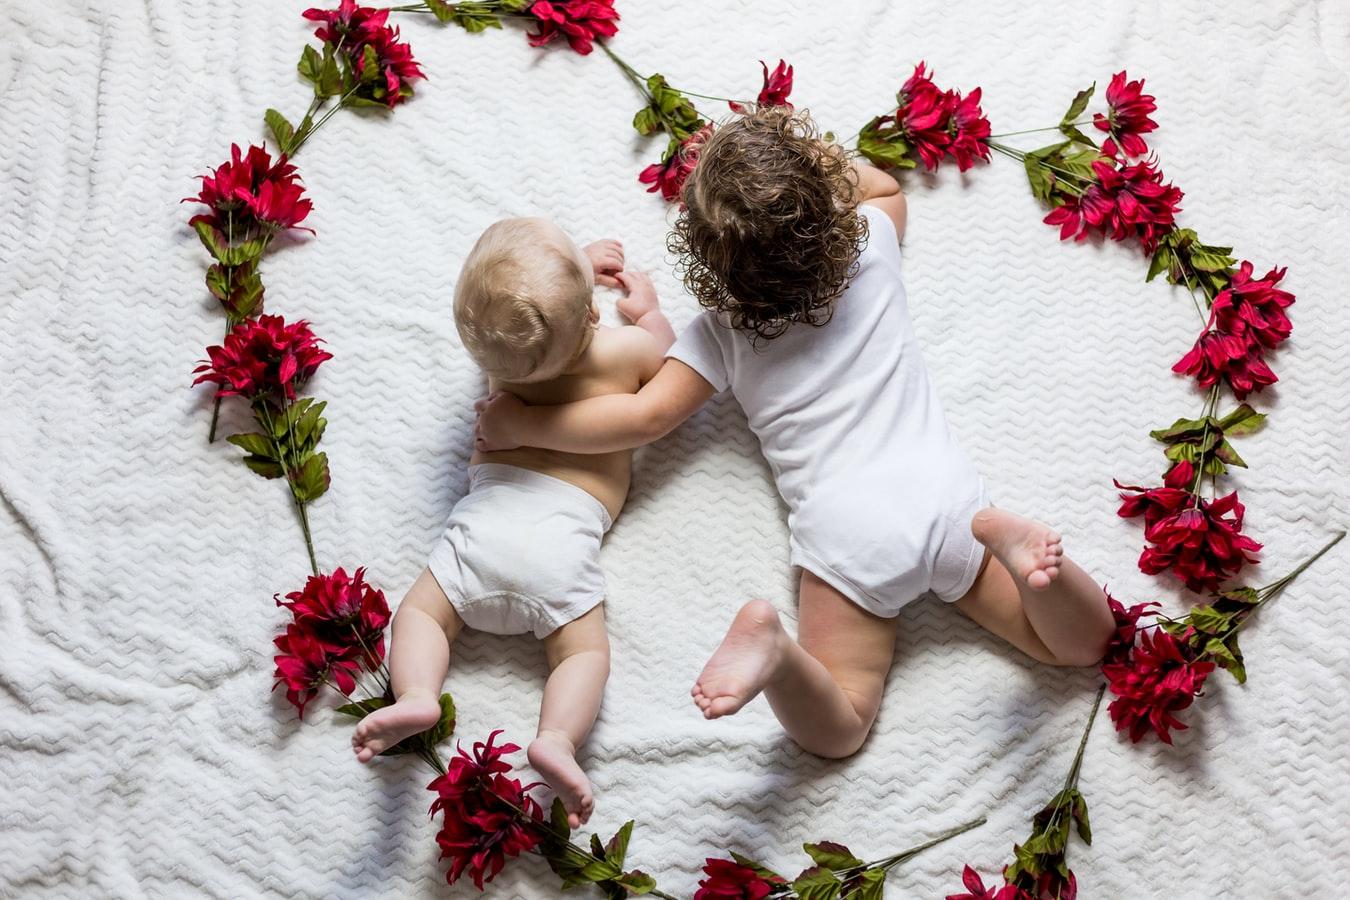 2021美国妈妈首选母婴用品网站BabyHaven海淘攻略(直邮+中文+支付宝+优惠码+3.9%返利)